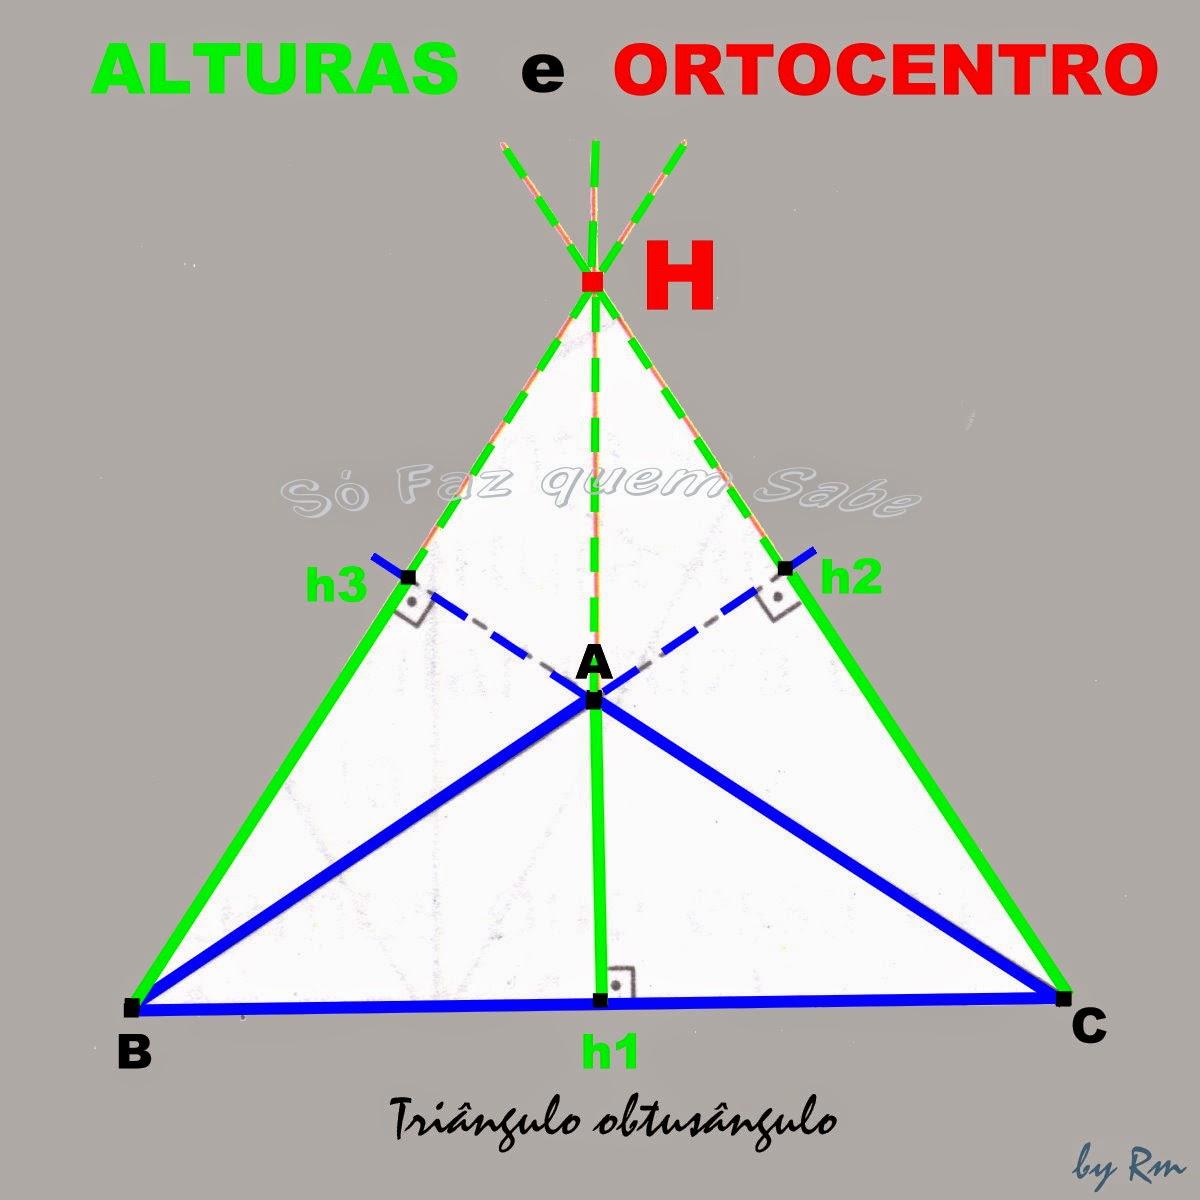 Triângulo obtusângulo com o ortocentro externo a ele